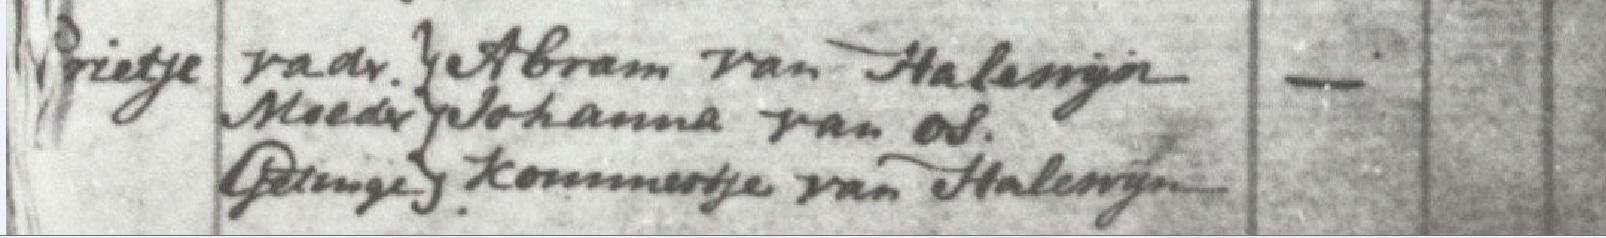 doopbericht Grietje v Halewijn 1757